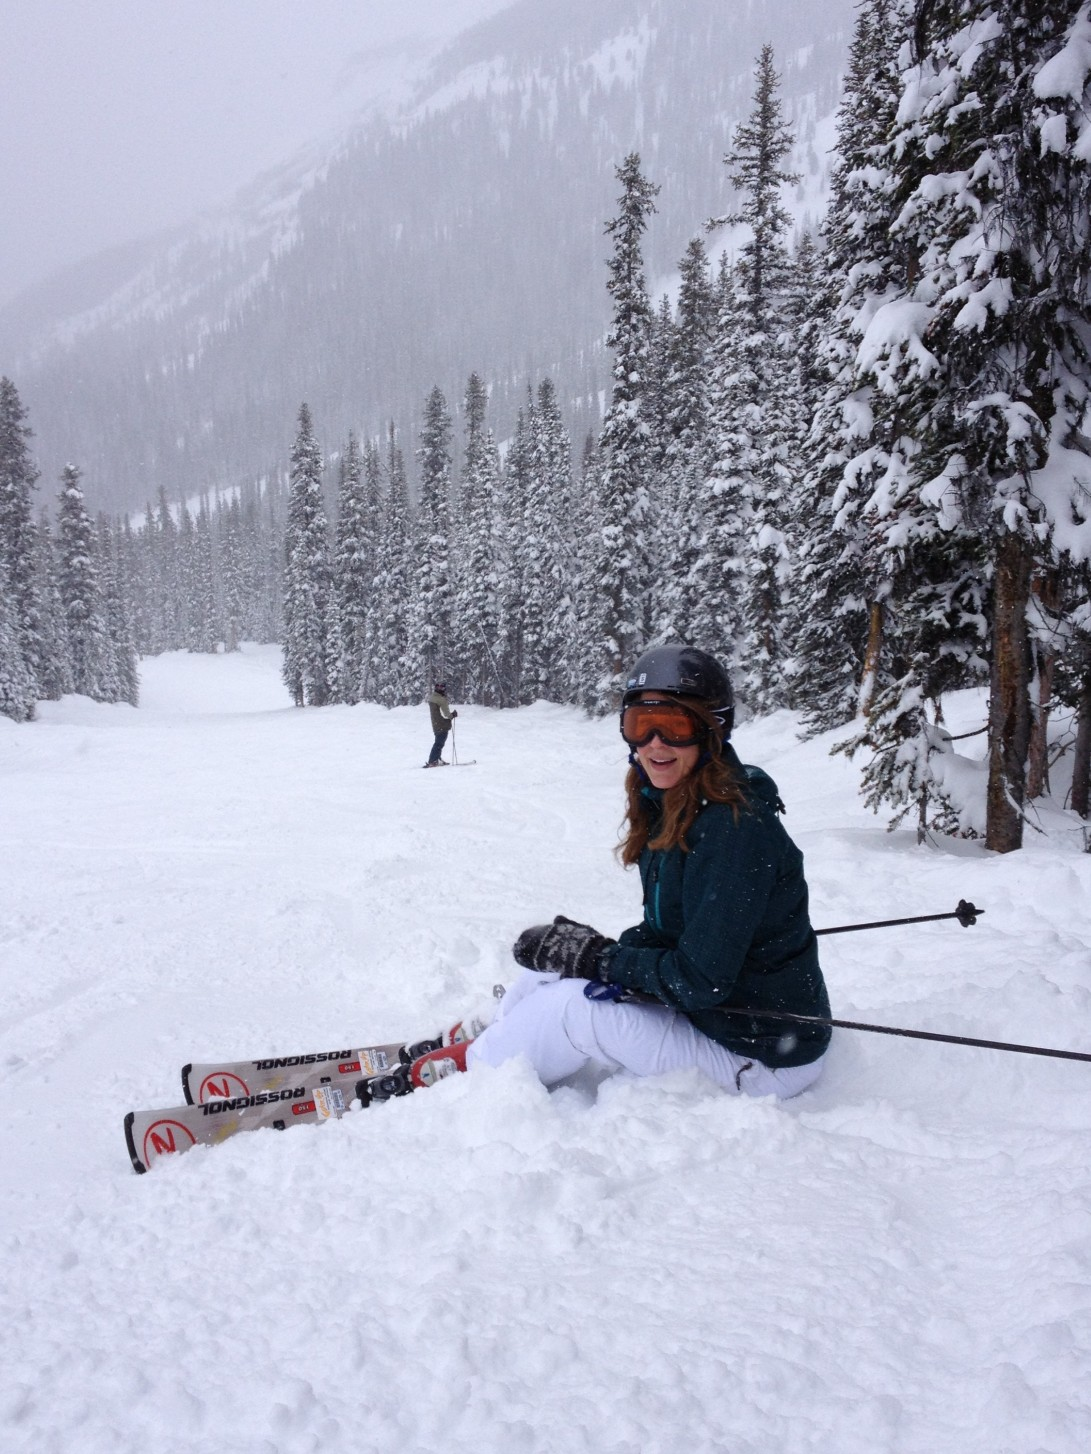 Jen in the Snow